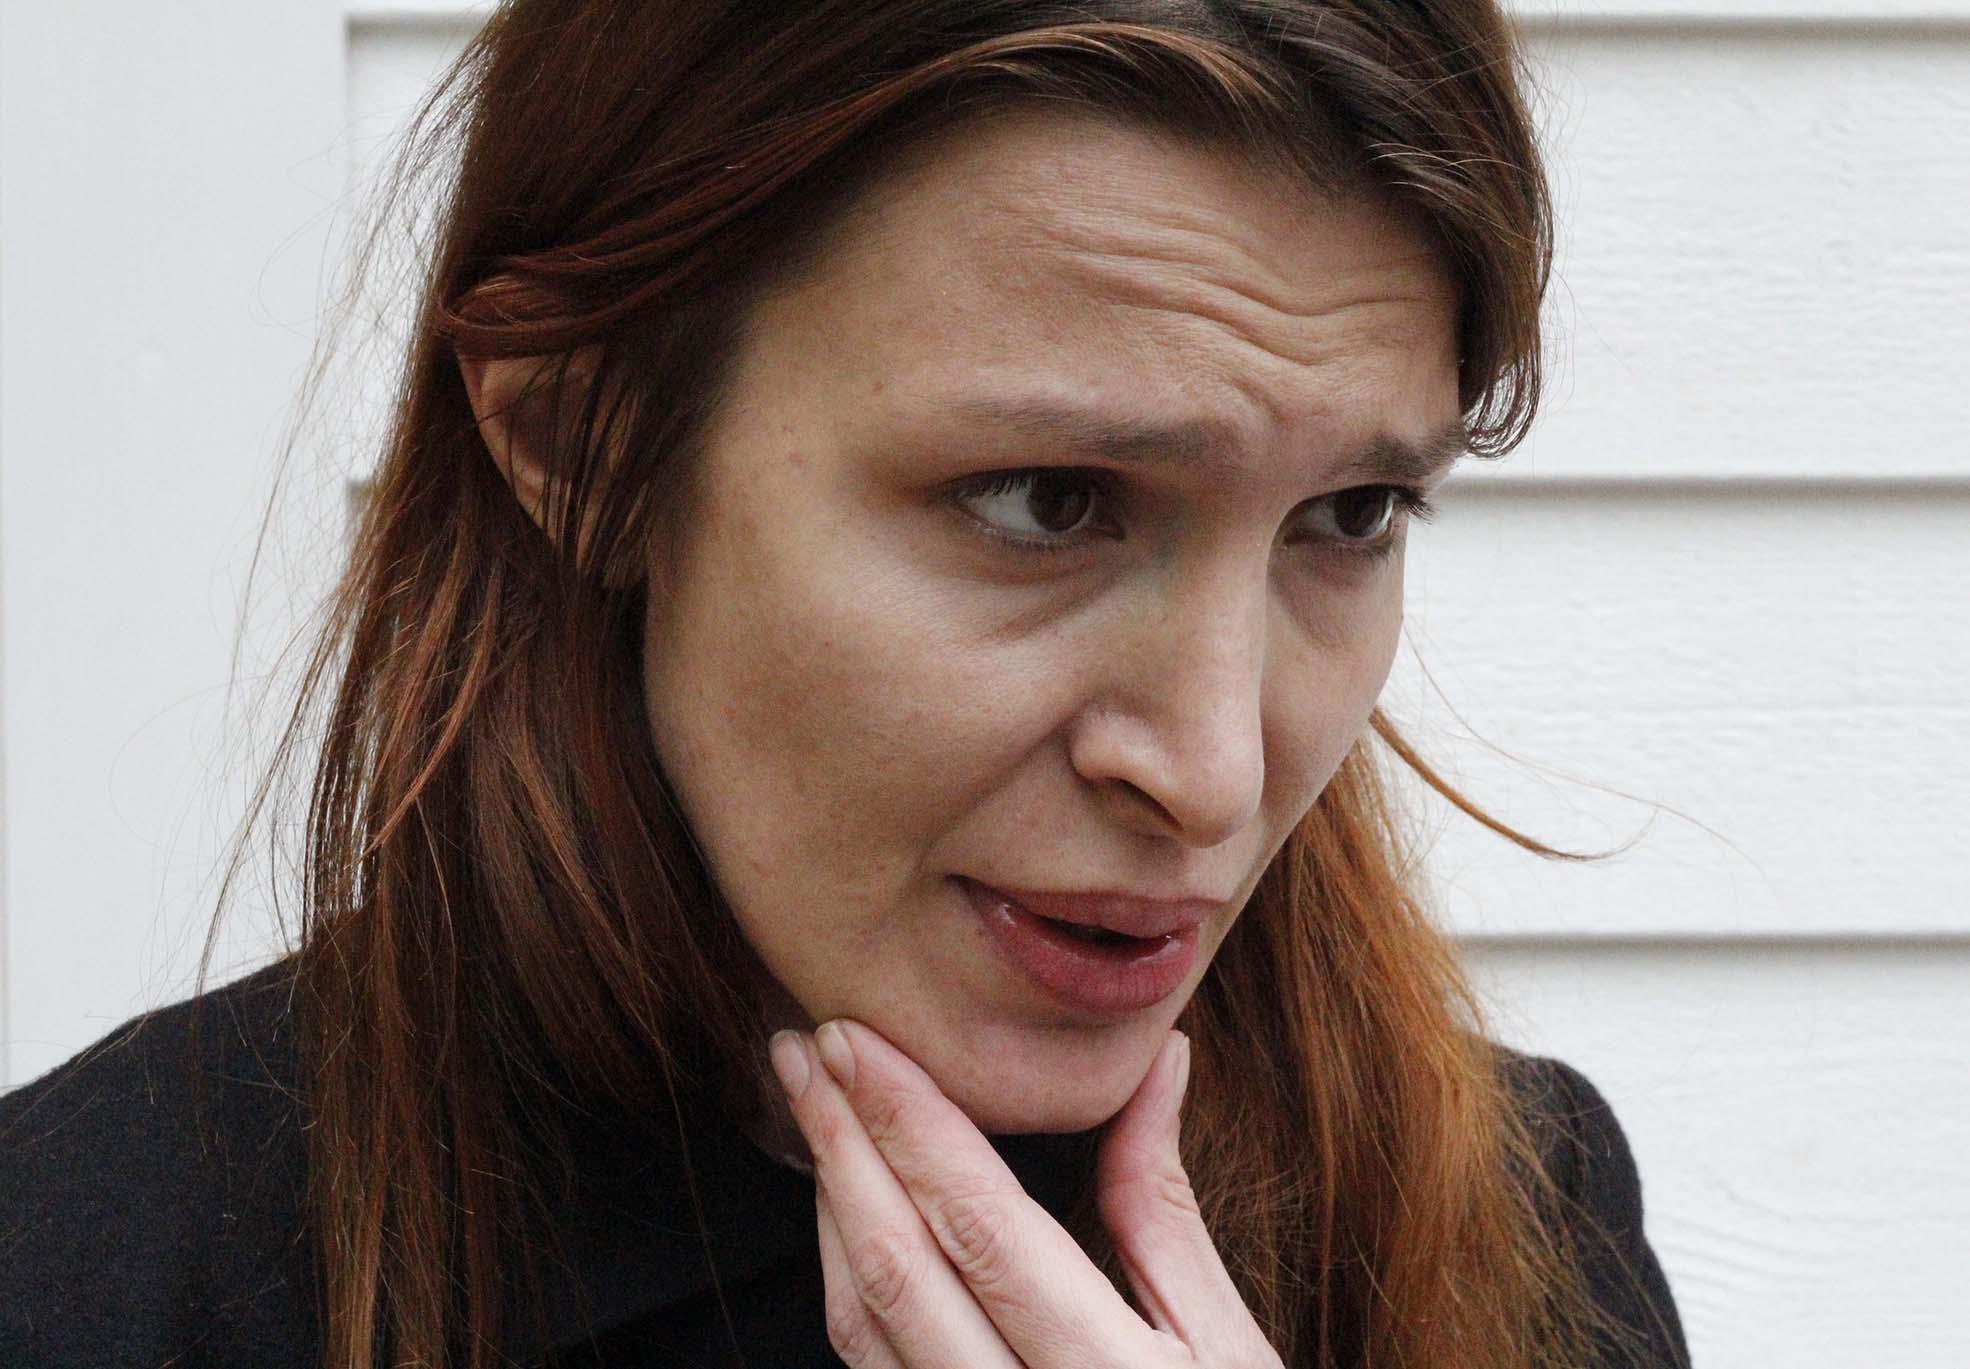 Chiara Fumai, artist (Photo: Paolo Bergmann)